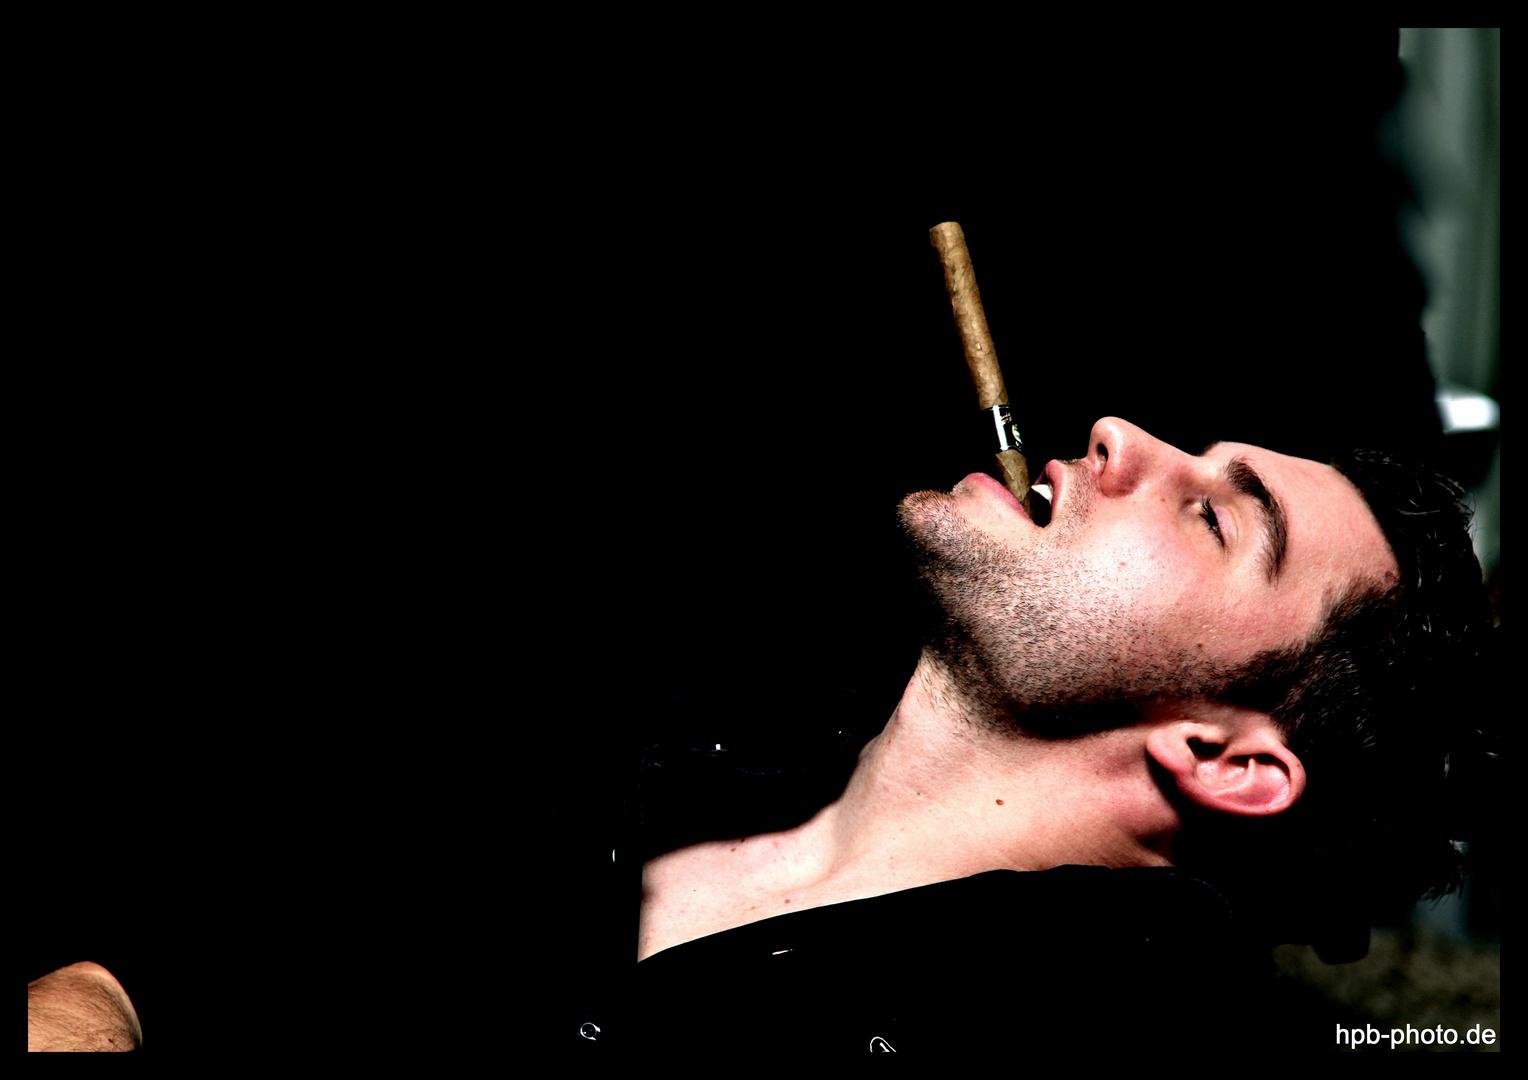 ... no smoking